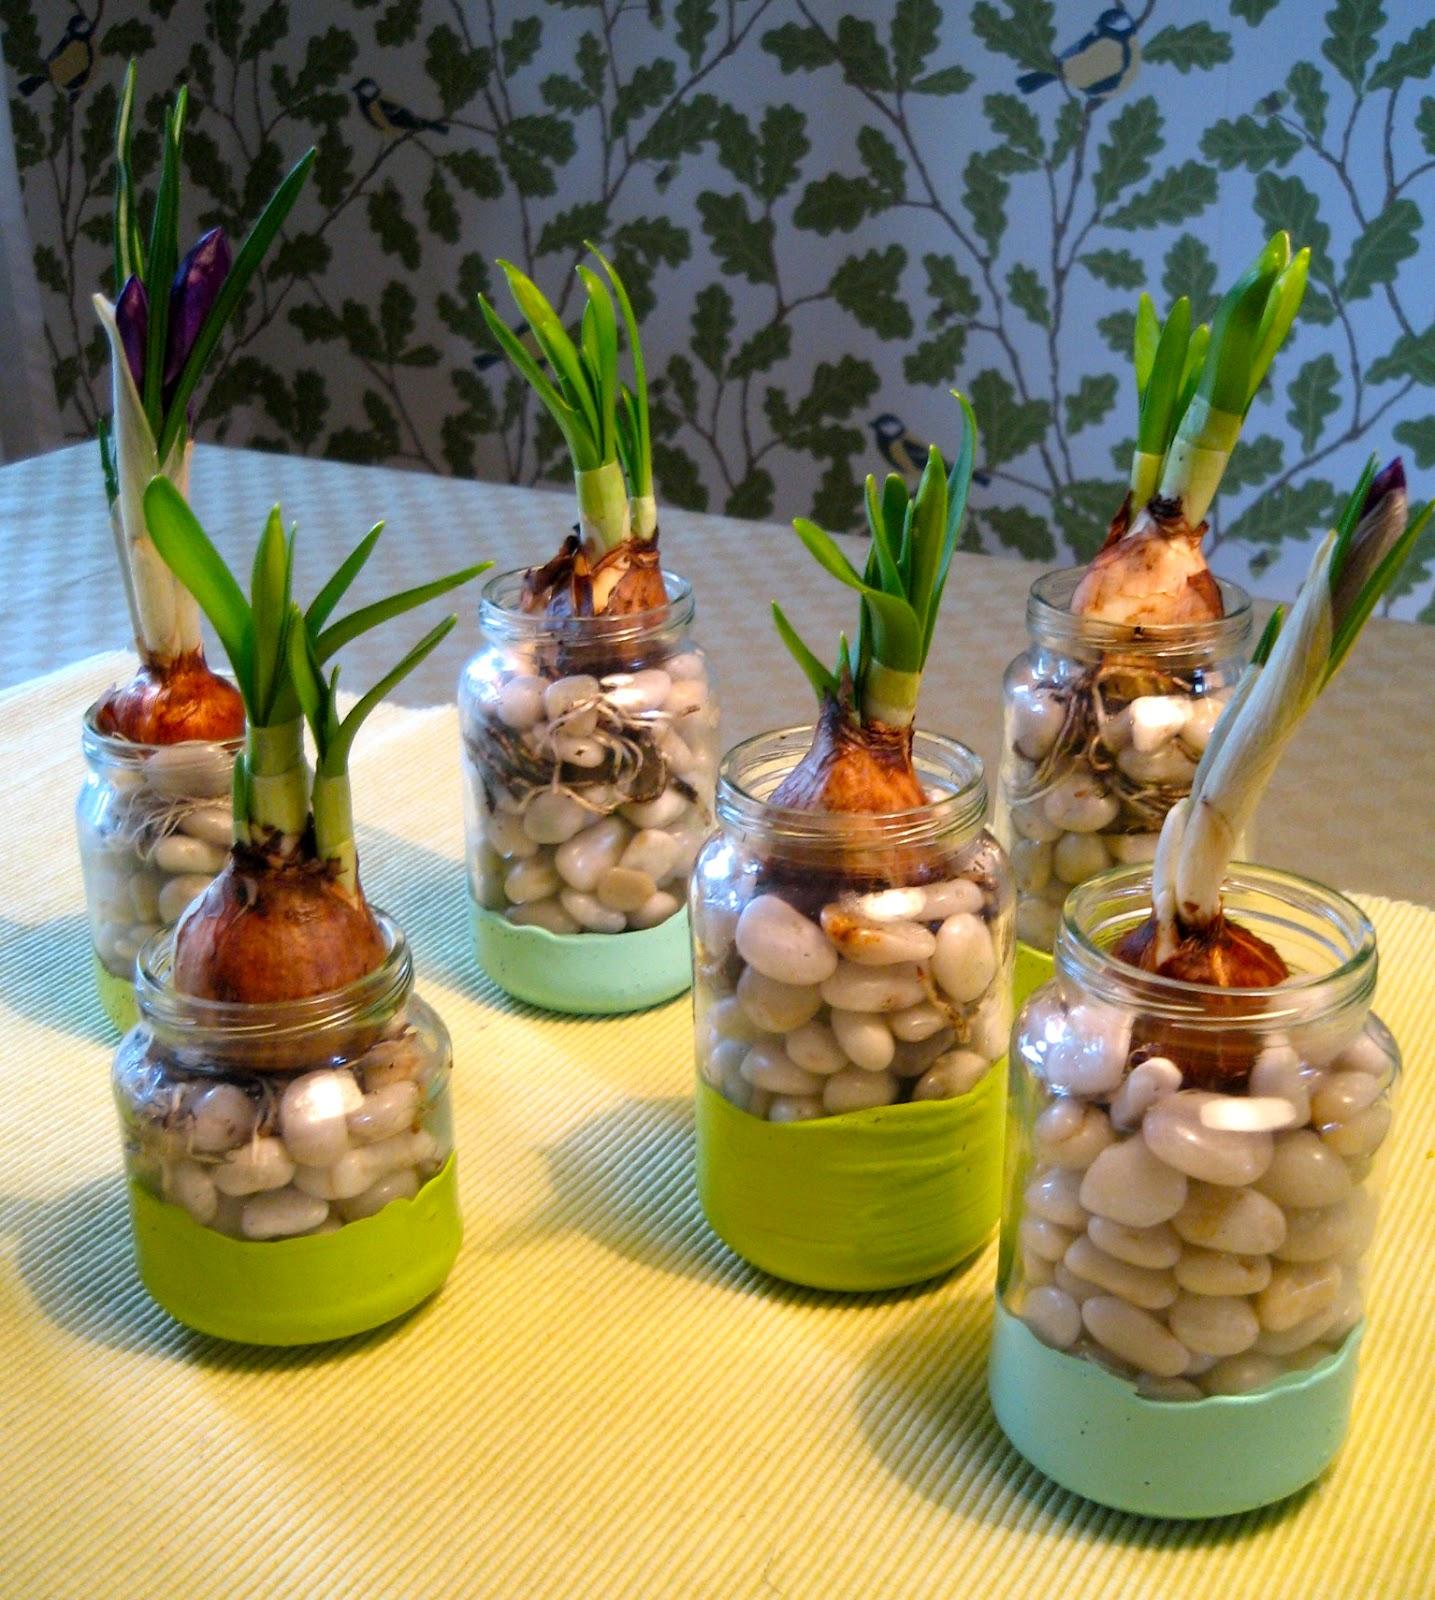 diy baby food jar crafts create oh la la diy baby food jar vases g 246 r det sj 228 lv